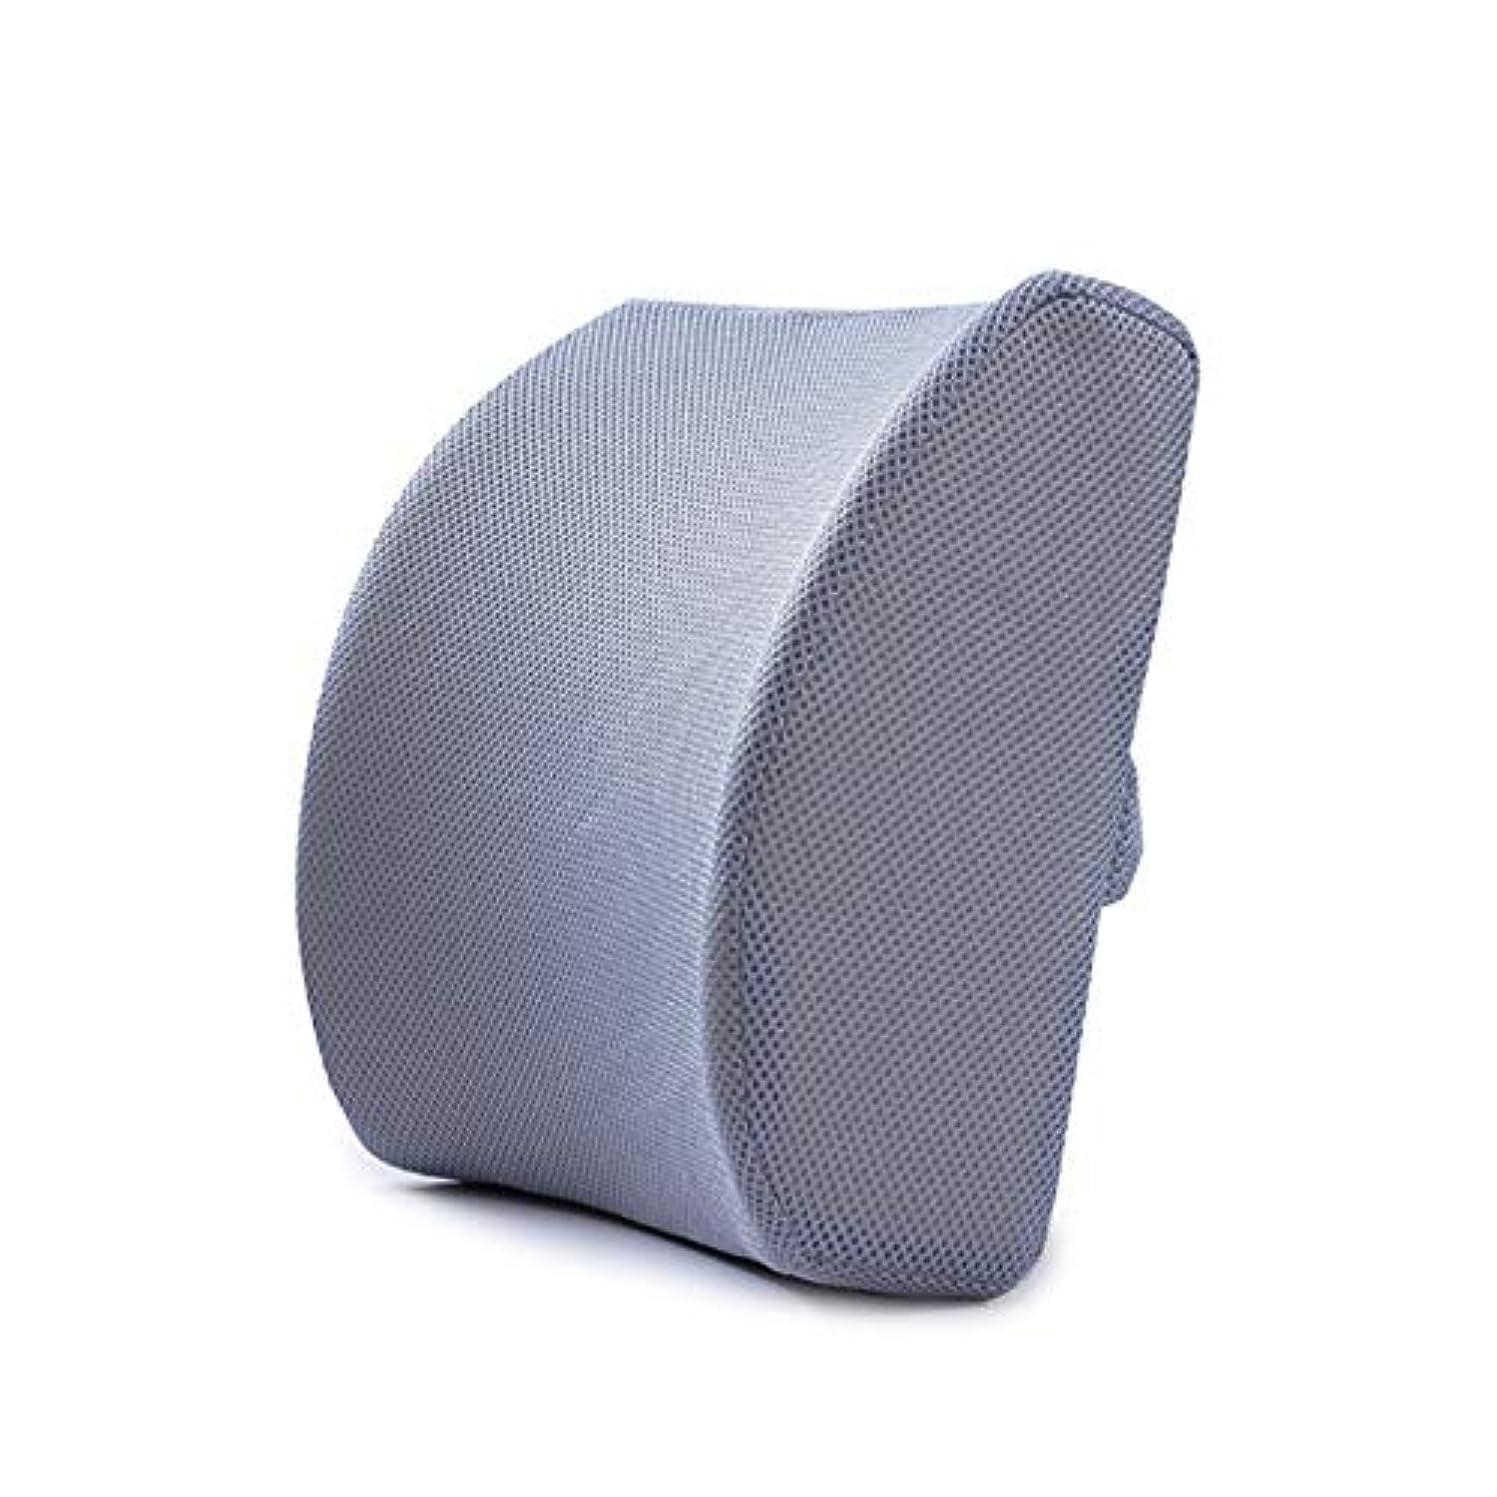 申し立て食物エレガントLIFE ホームオフィス背もたれ椅子腰椎クッションカーシートネック枕 3D 低反発サポートバックマッサージウエストレスリビング枕 クッション 椅子